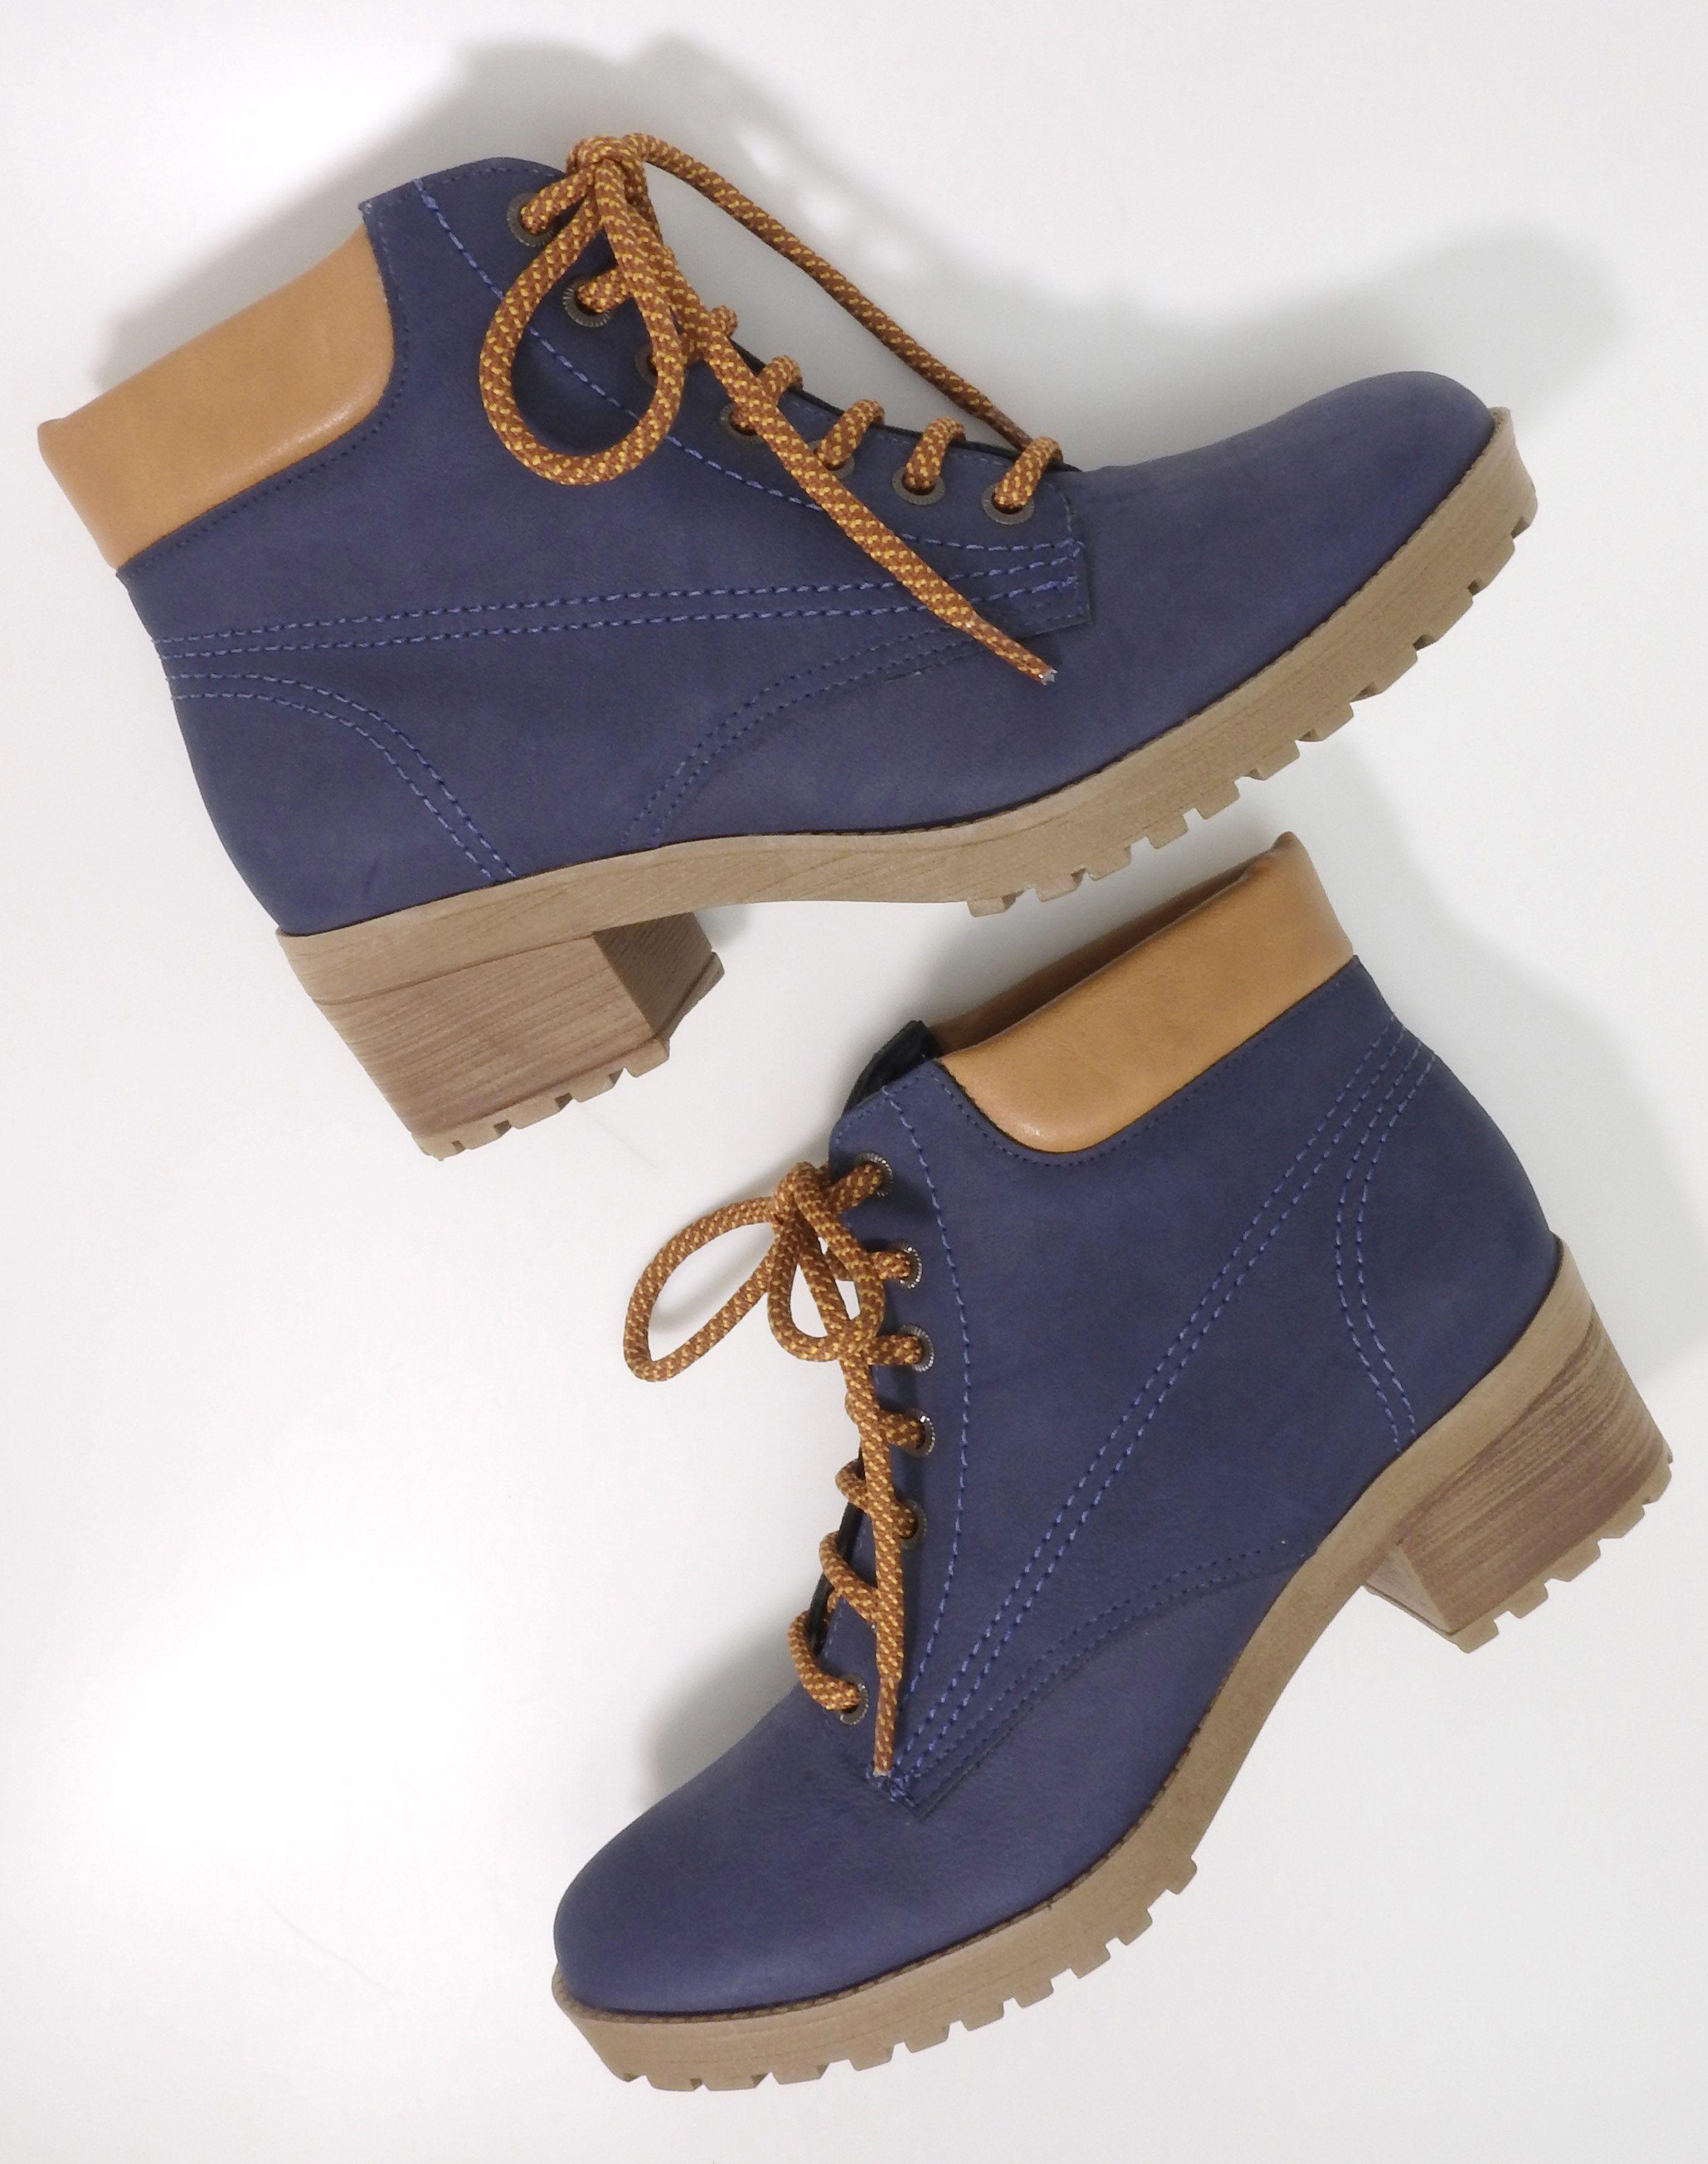 3cf8ed16d boots - coturno - bota de cano curto - Inverno 2016 - Ref. 16-4907 ...